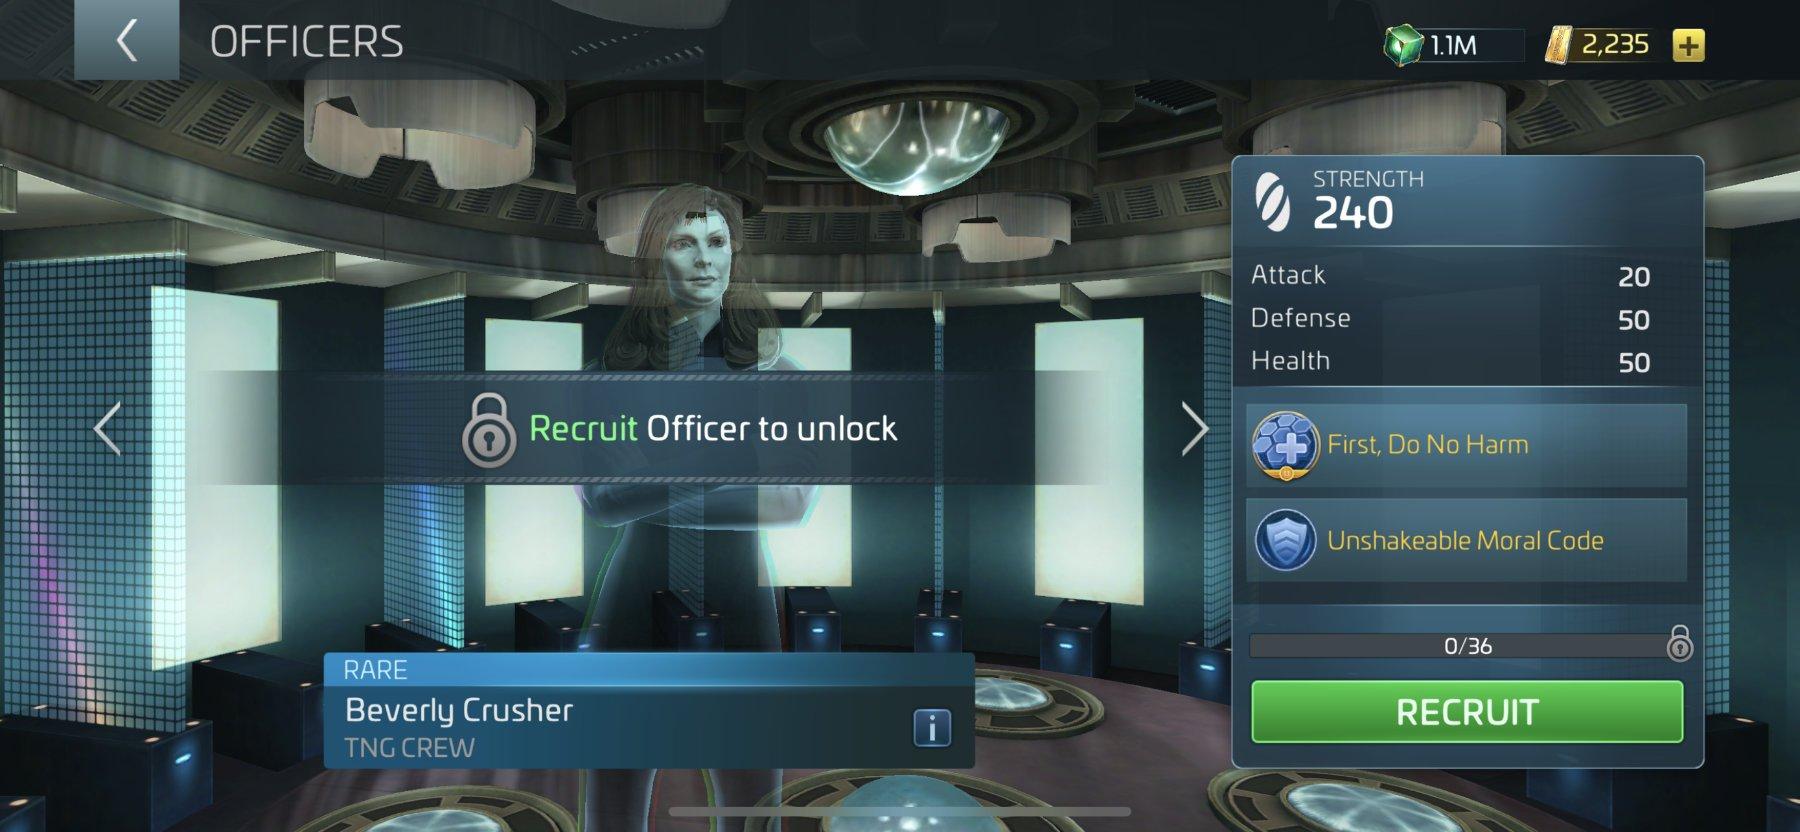 Star Trek Fleet Command Officer Beverly Crusher